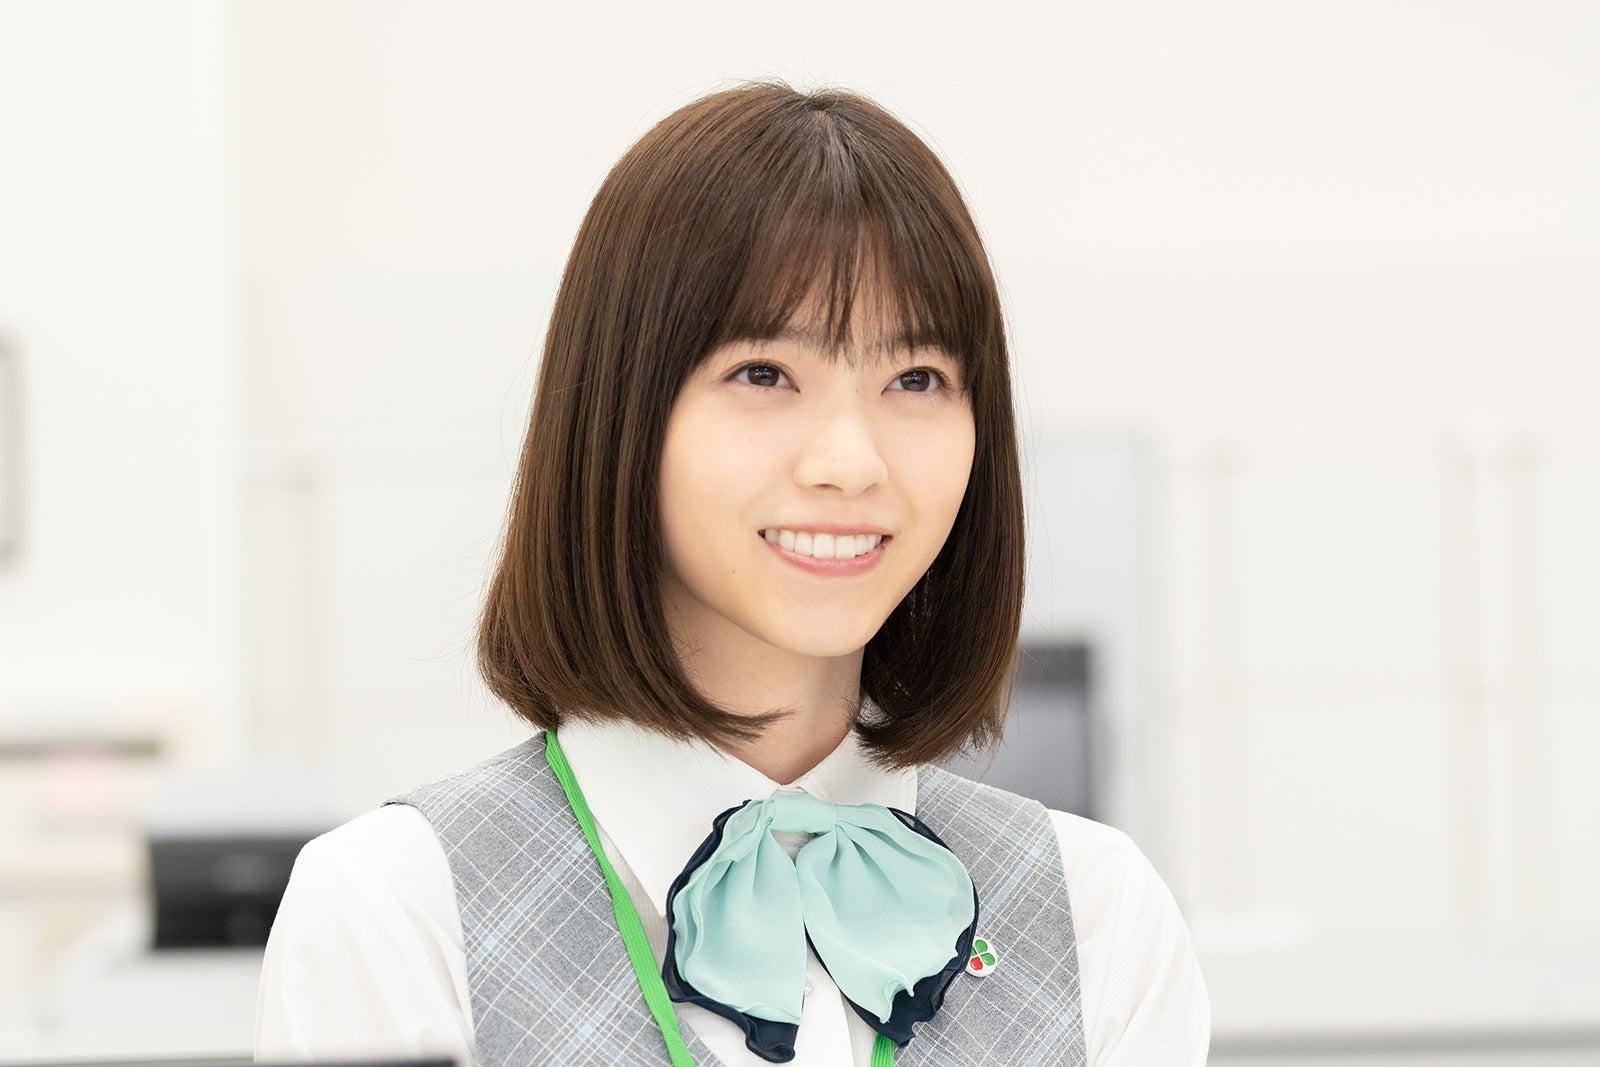 【朗報】西野七瀬さん、演技が下手でも務まりそうな役で卒業後、初のドラマ出演!